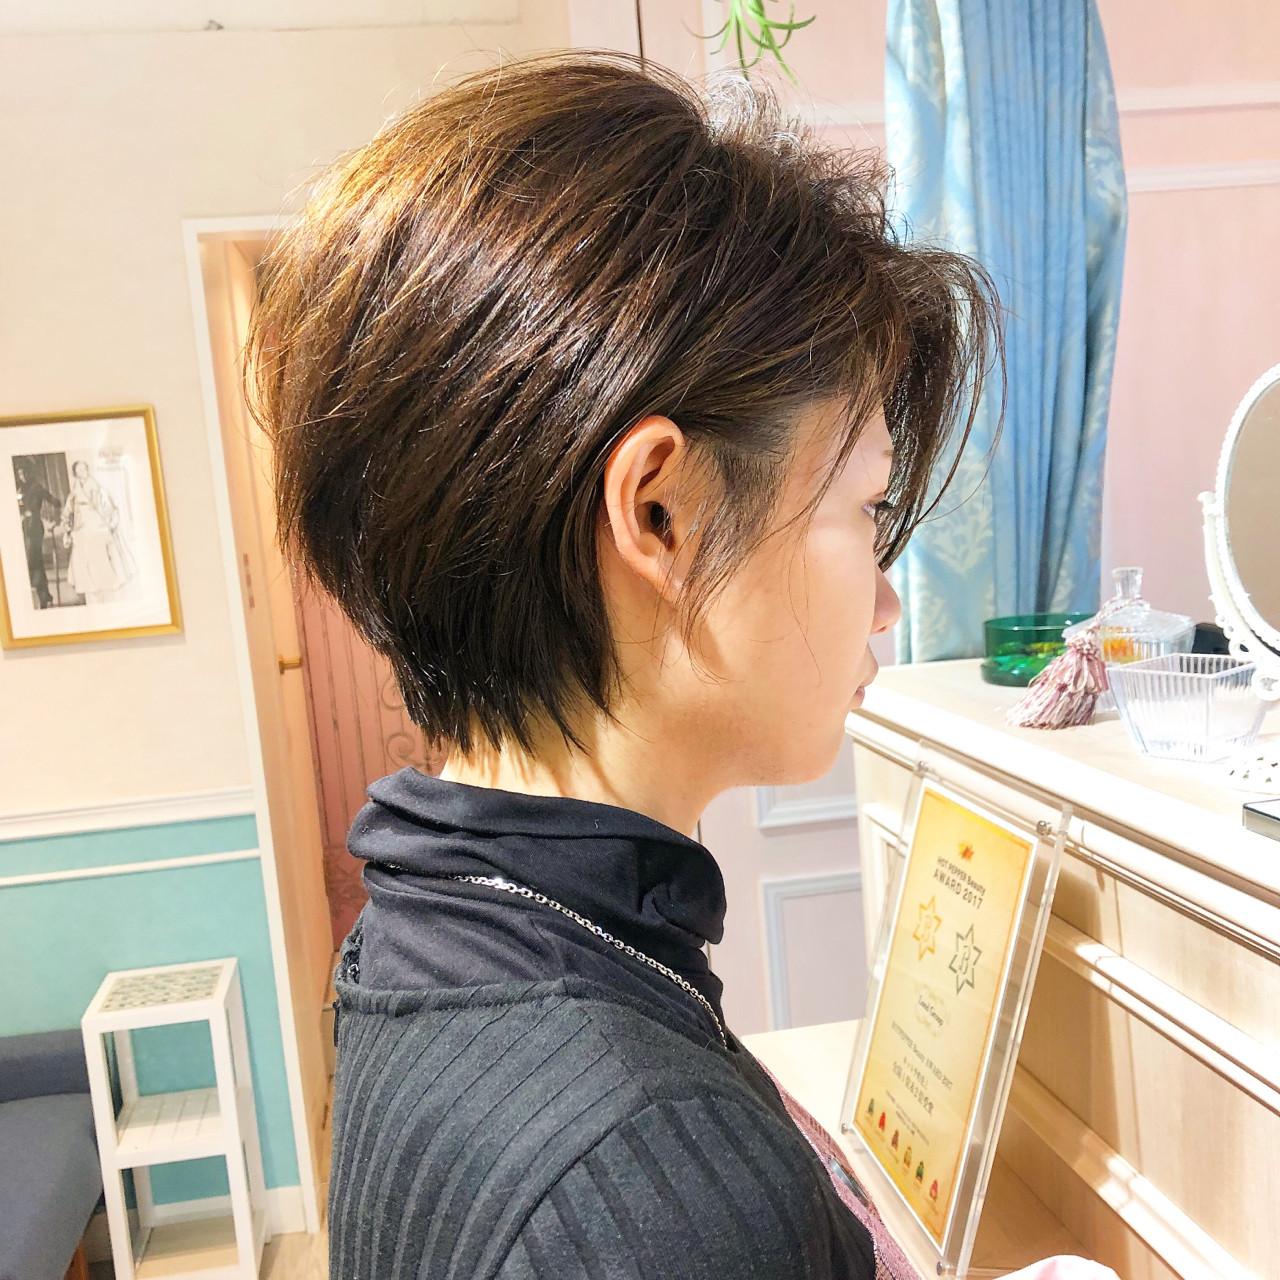 オフィス ショート 小顔 フェミニン ヘアスタイルや髪型の写真・画像